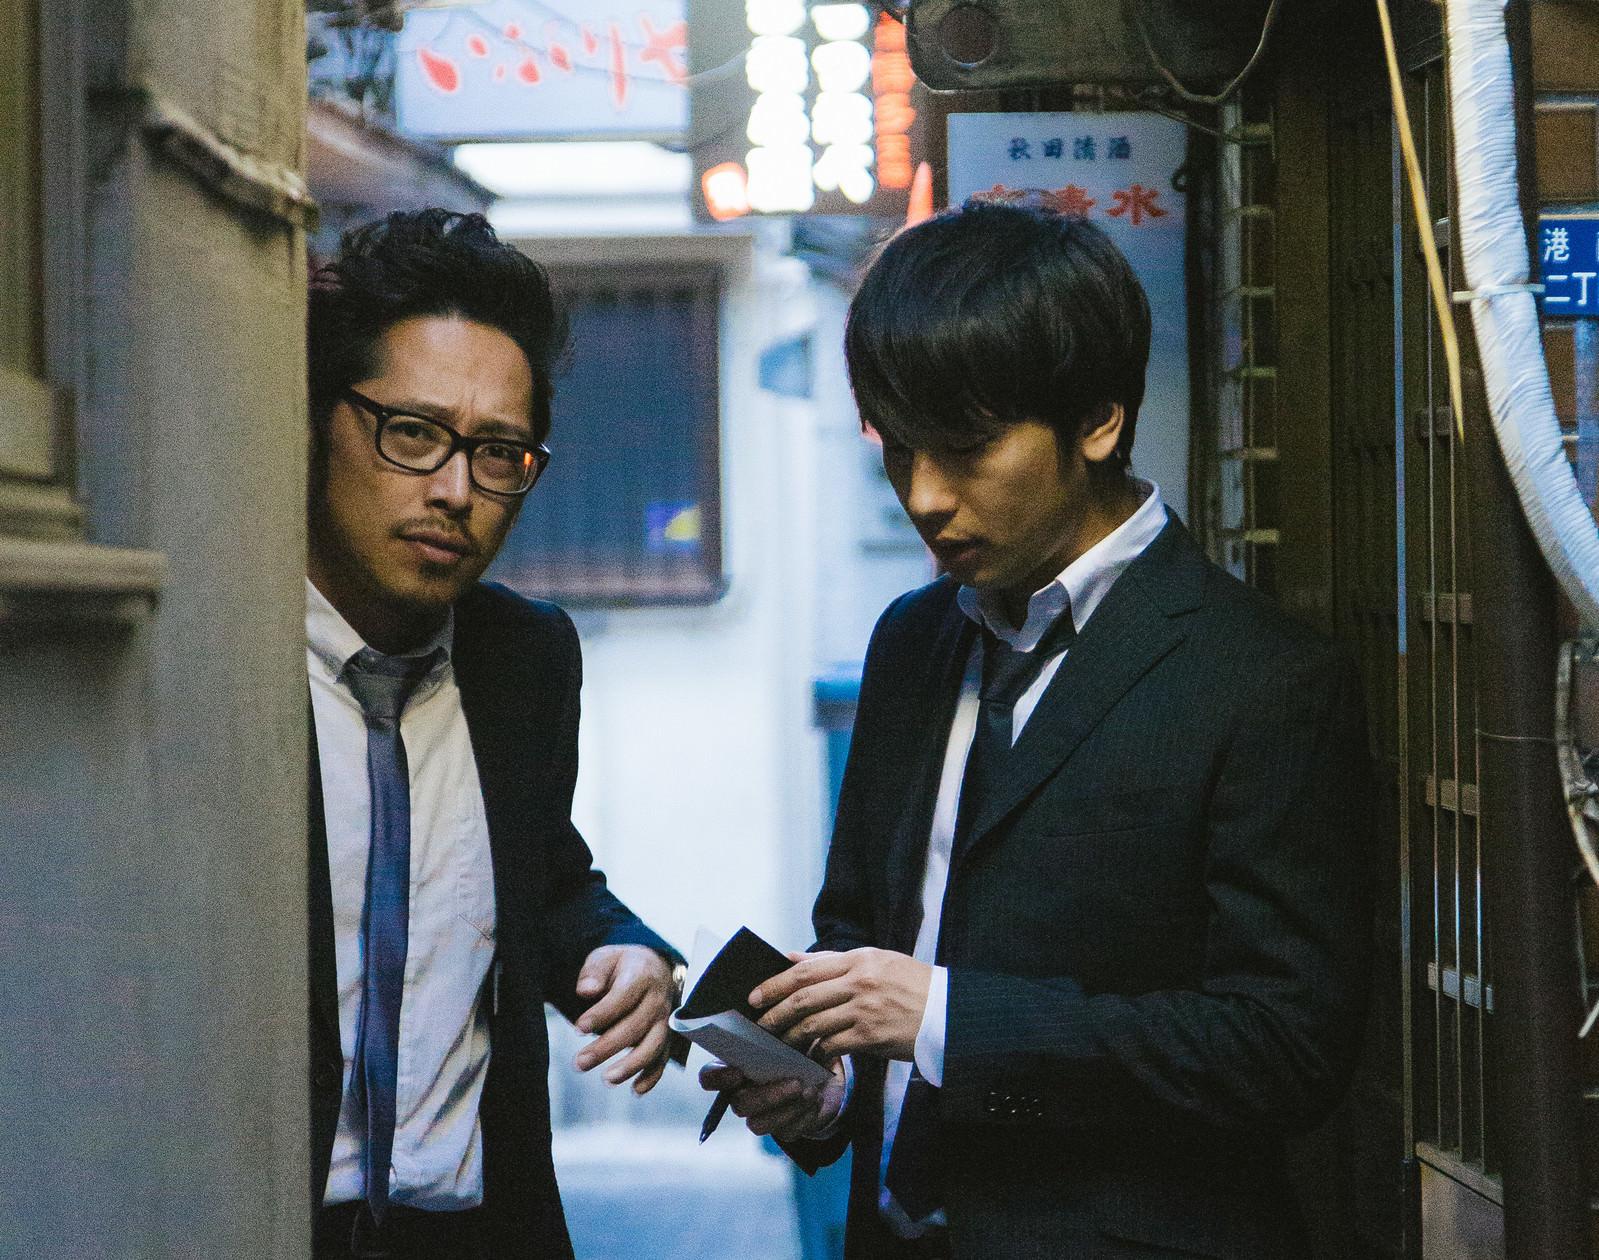 「飲み会のお店を探す名幹事2人組」の写真[モデル:ゆうせい 大川竜弥]